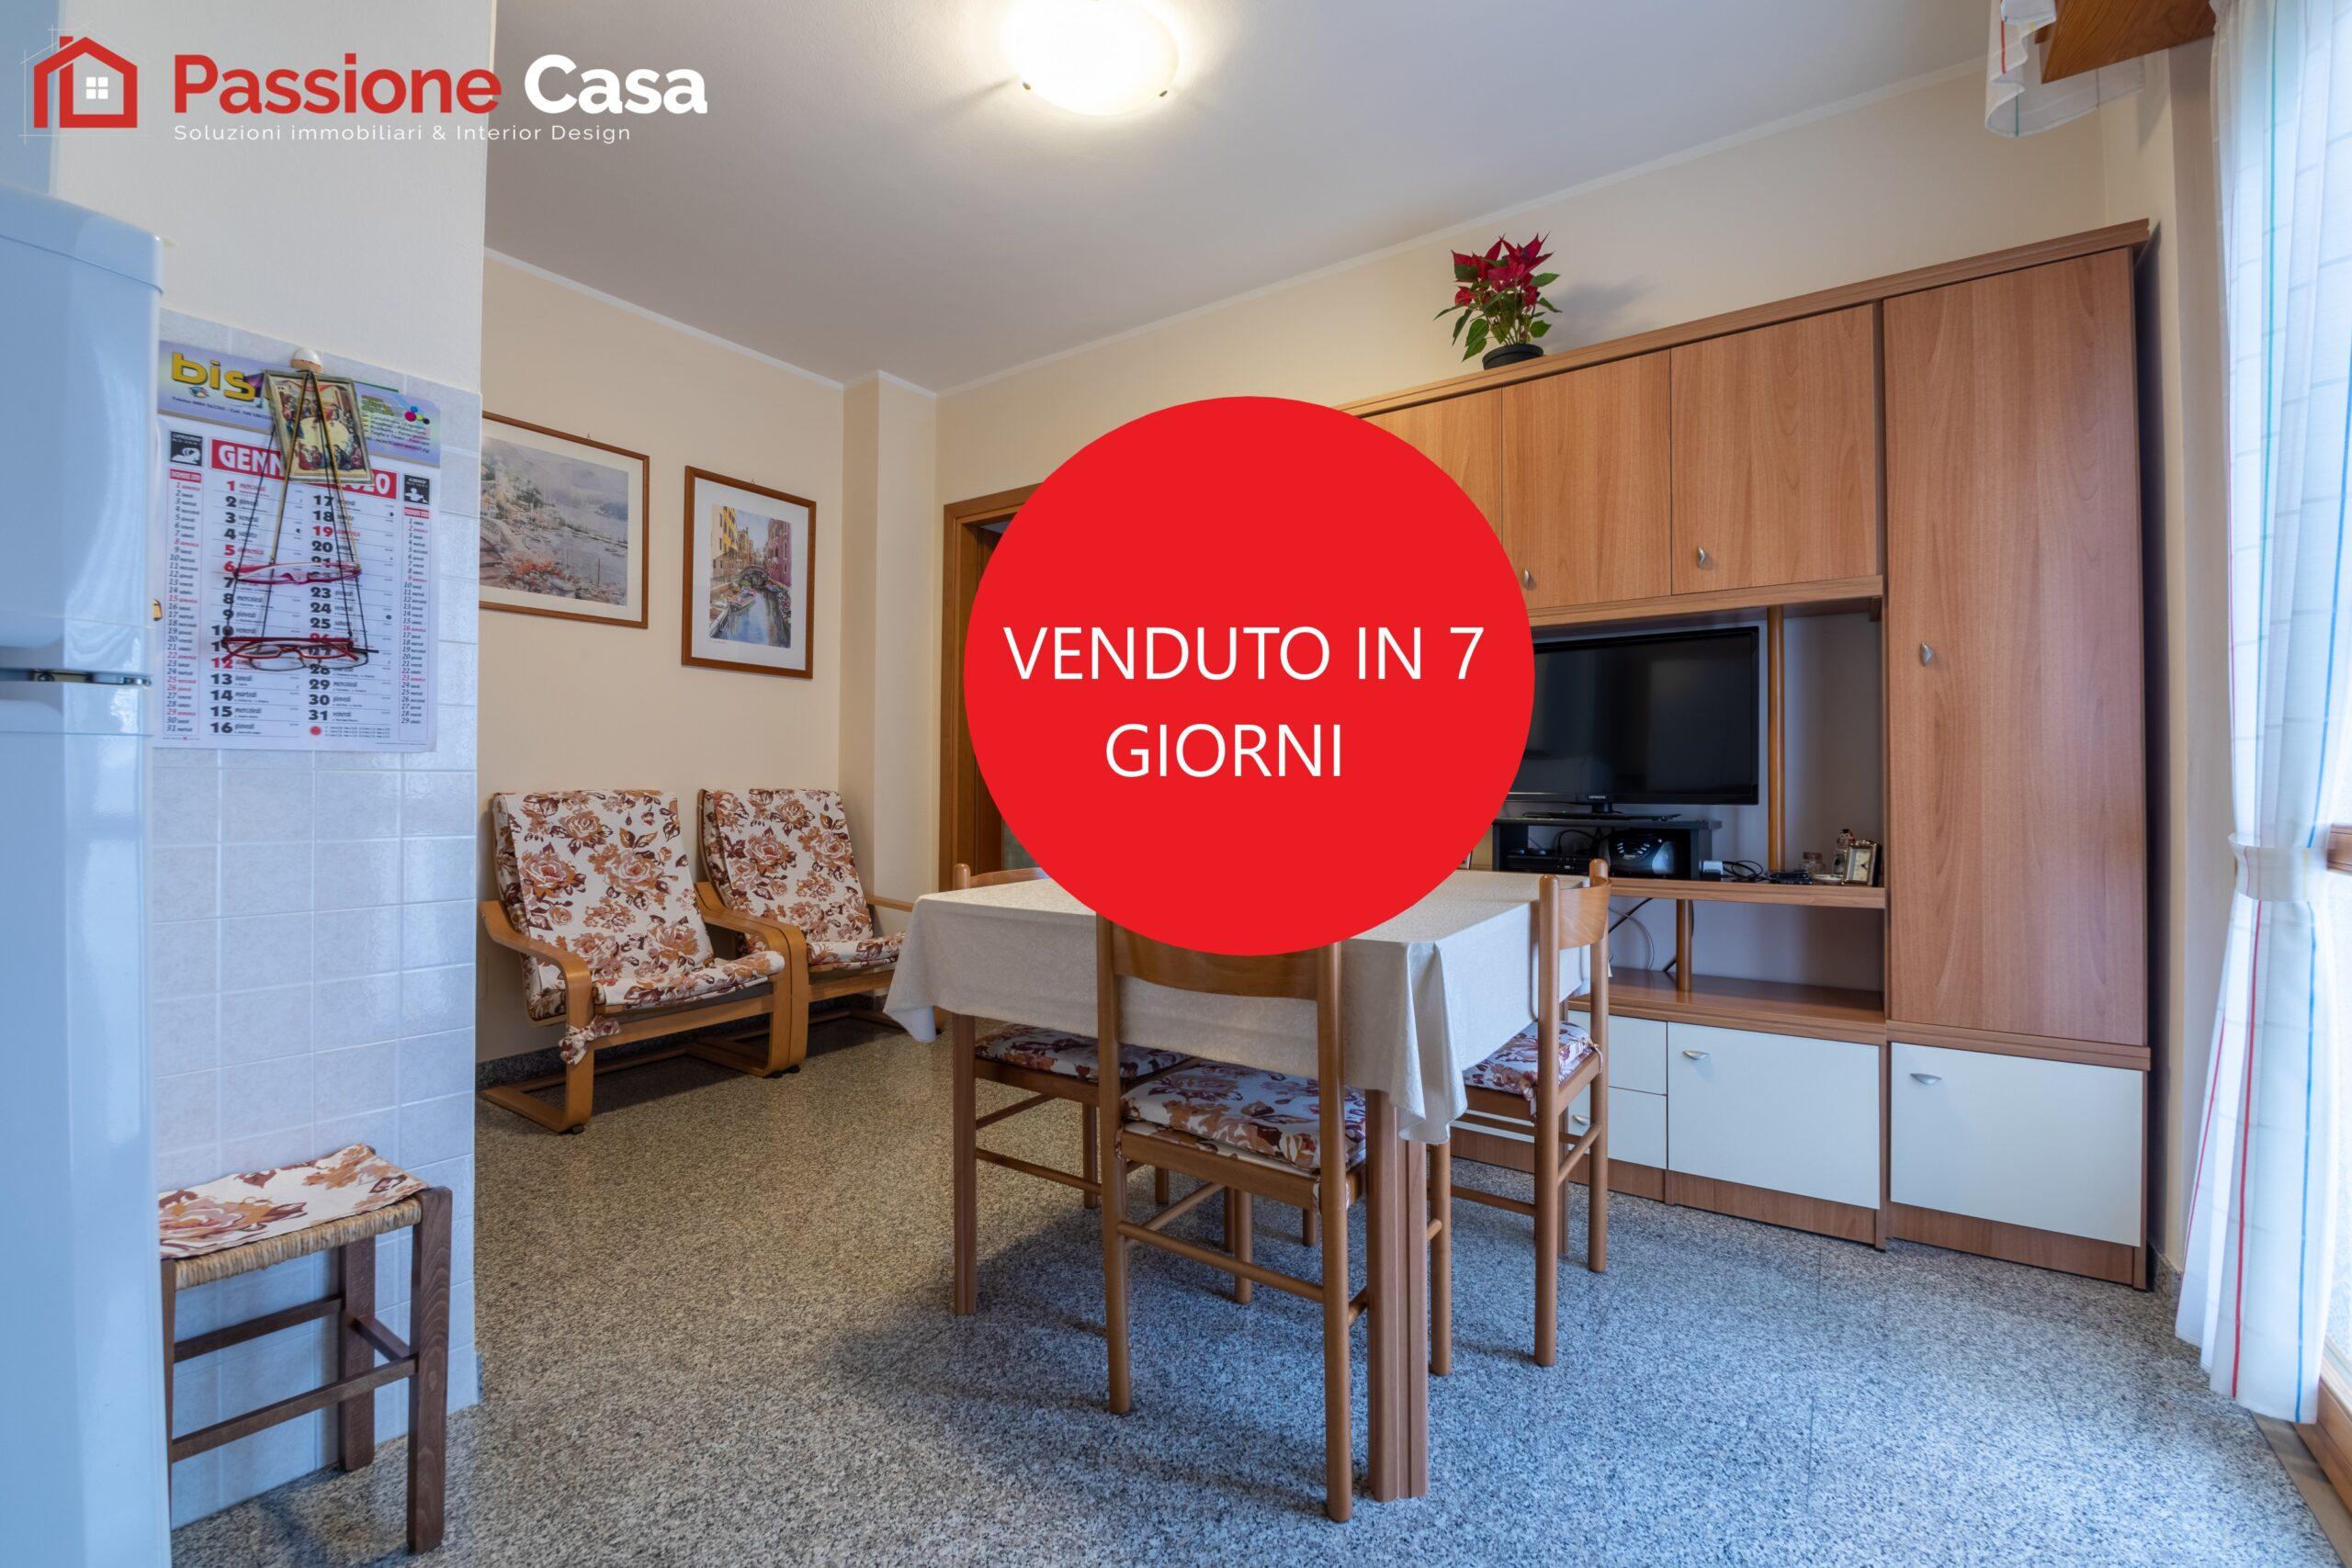 Trilocale primo piano !! - Agenzia immobiliare Parma ...